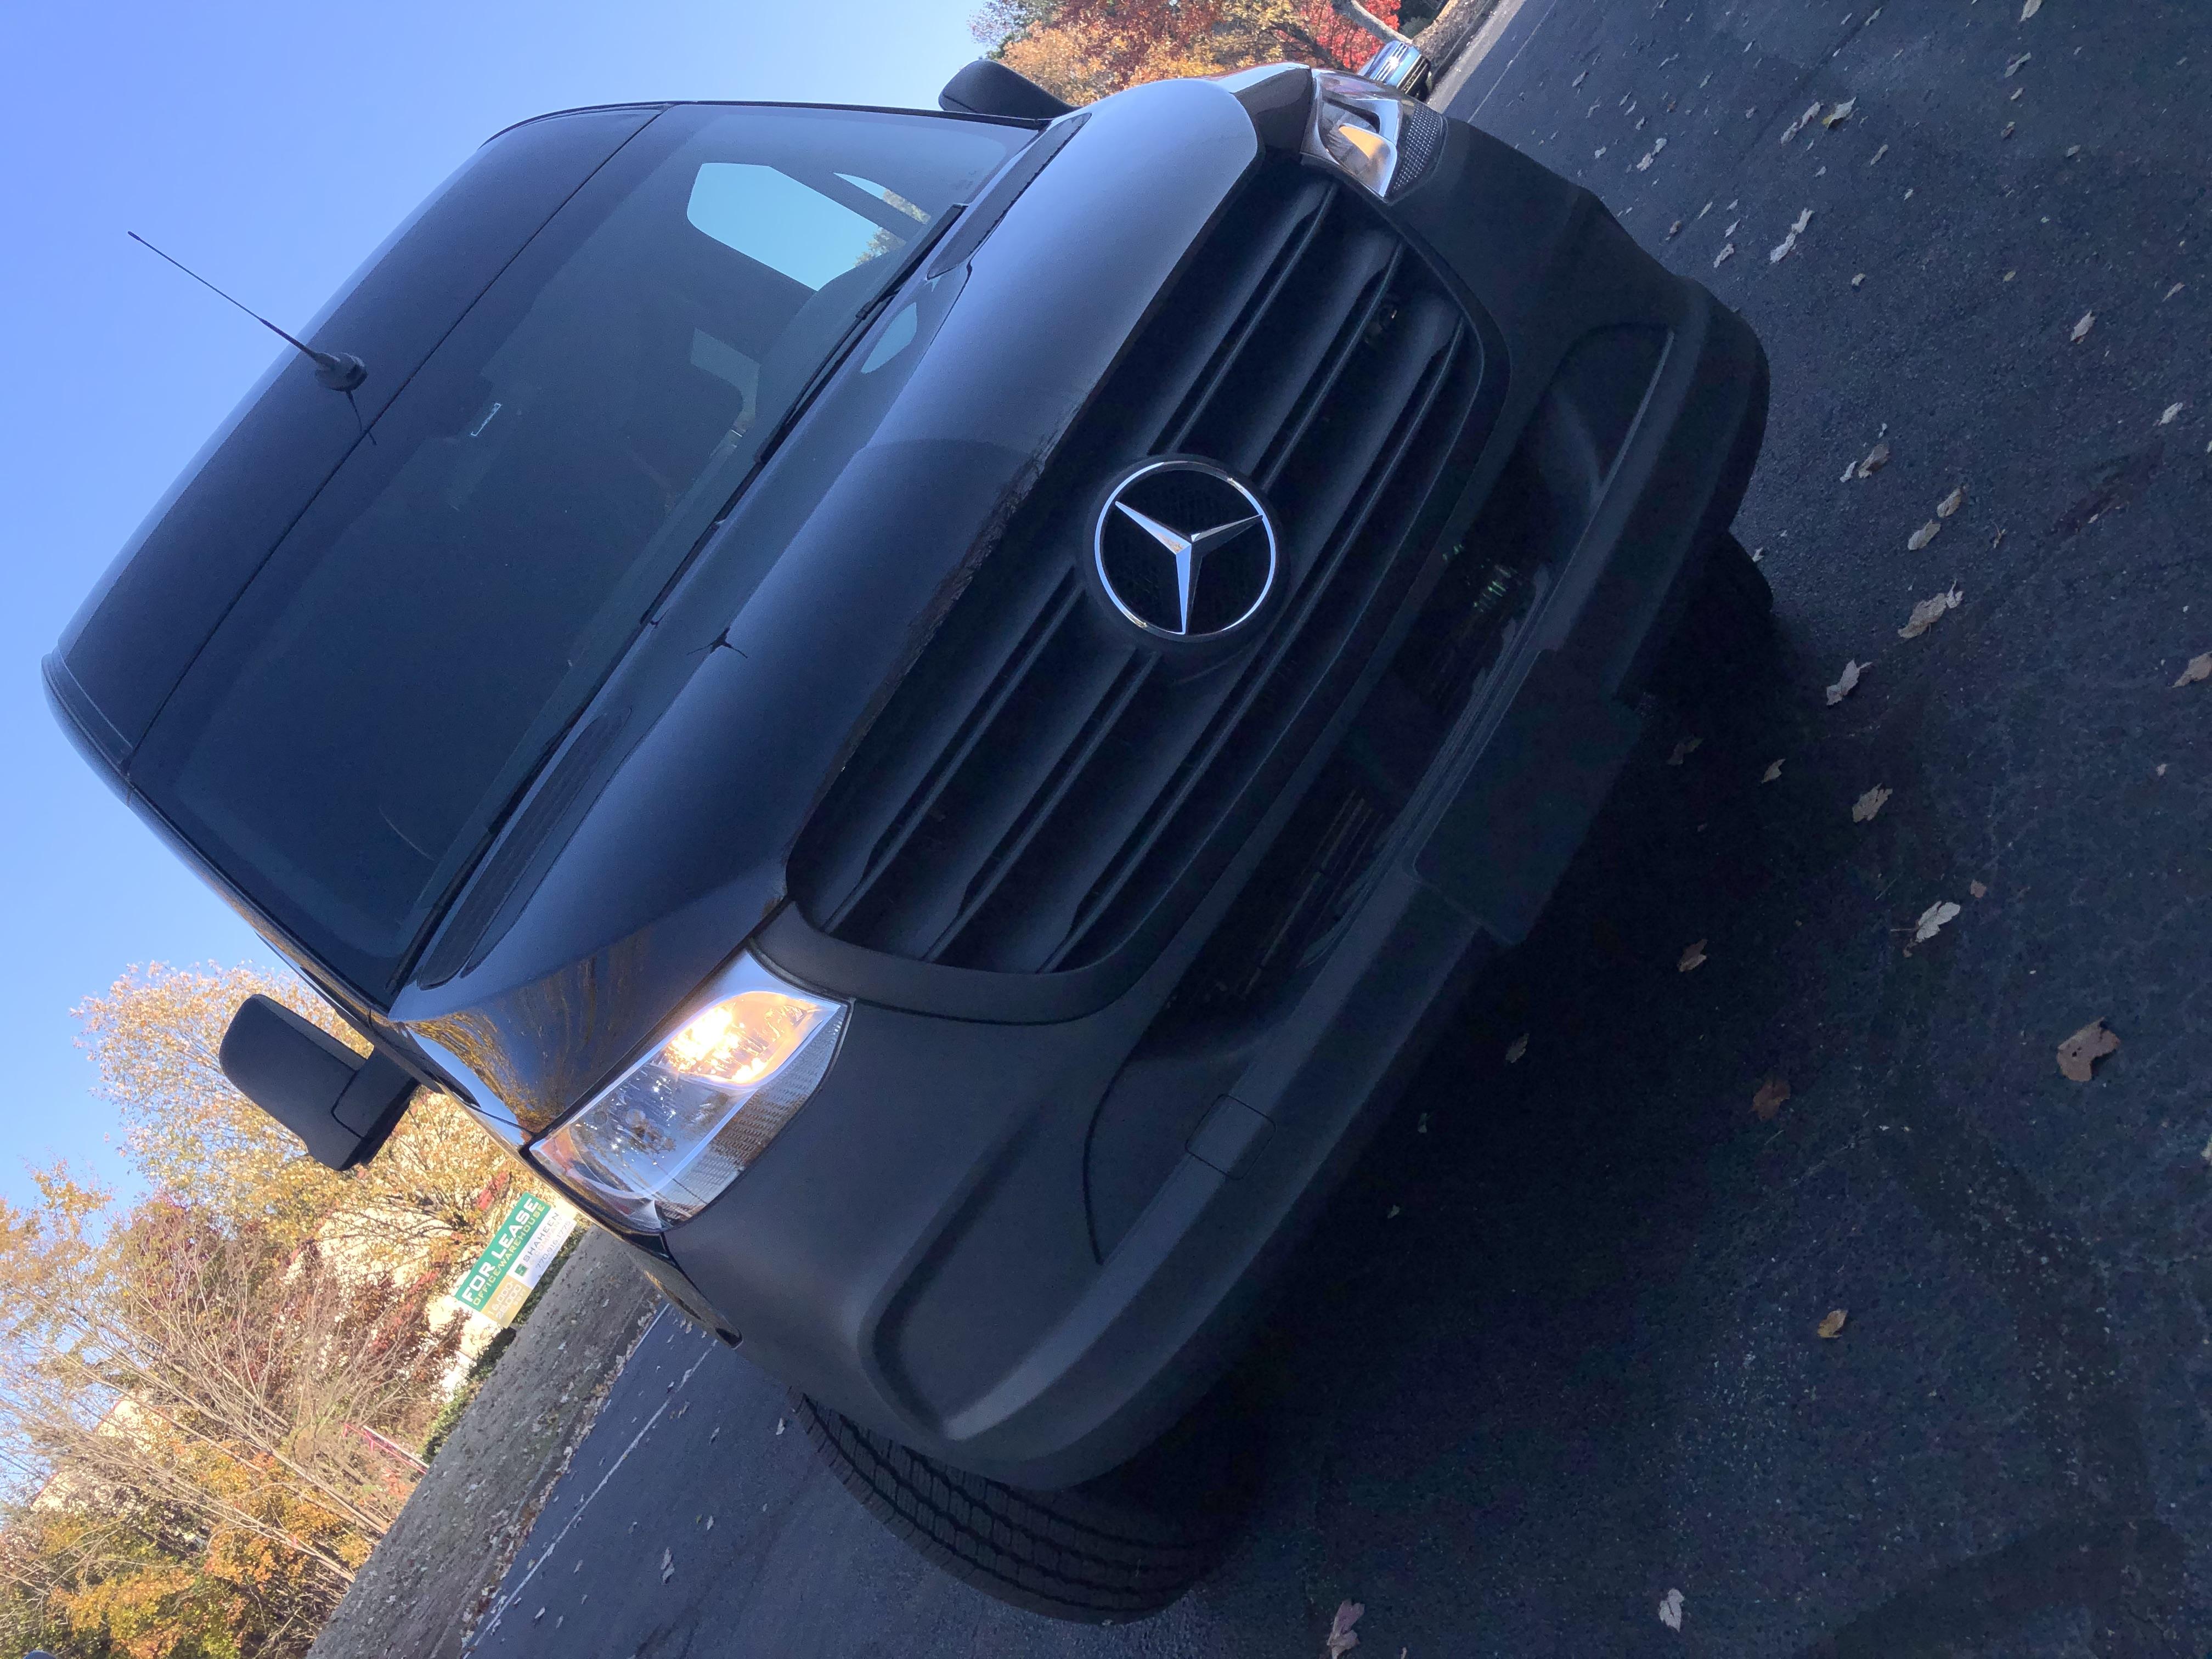 Front view. Mercedes Sprinter Van 2500 2019